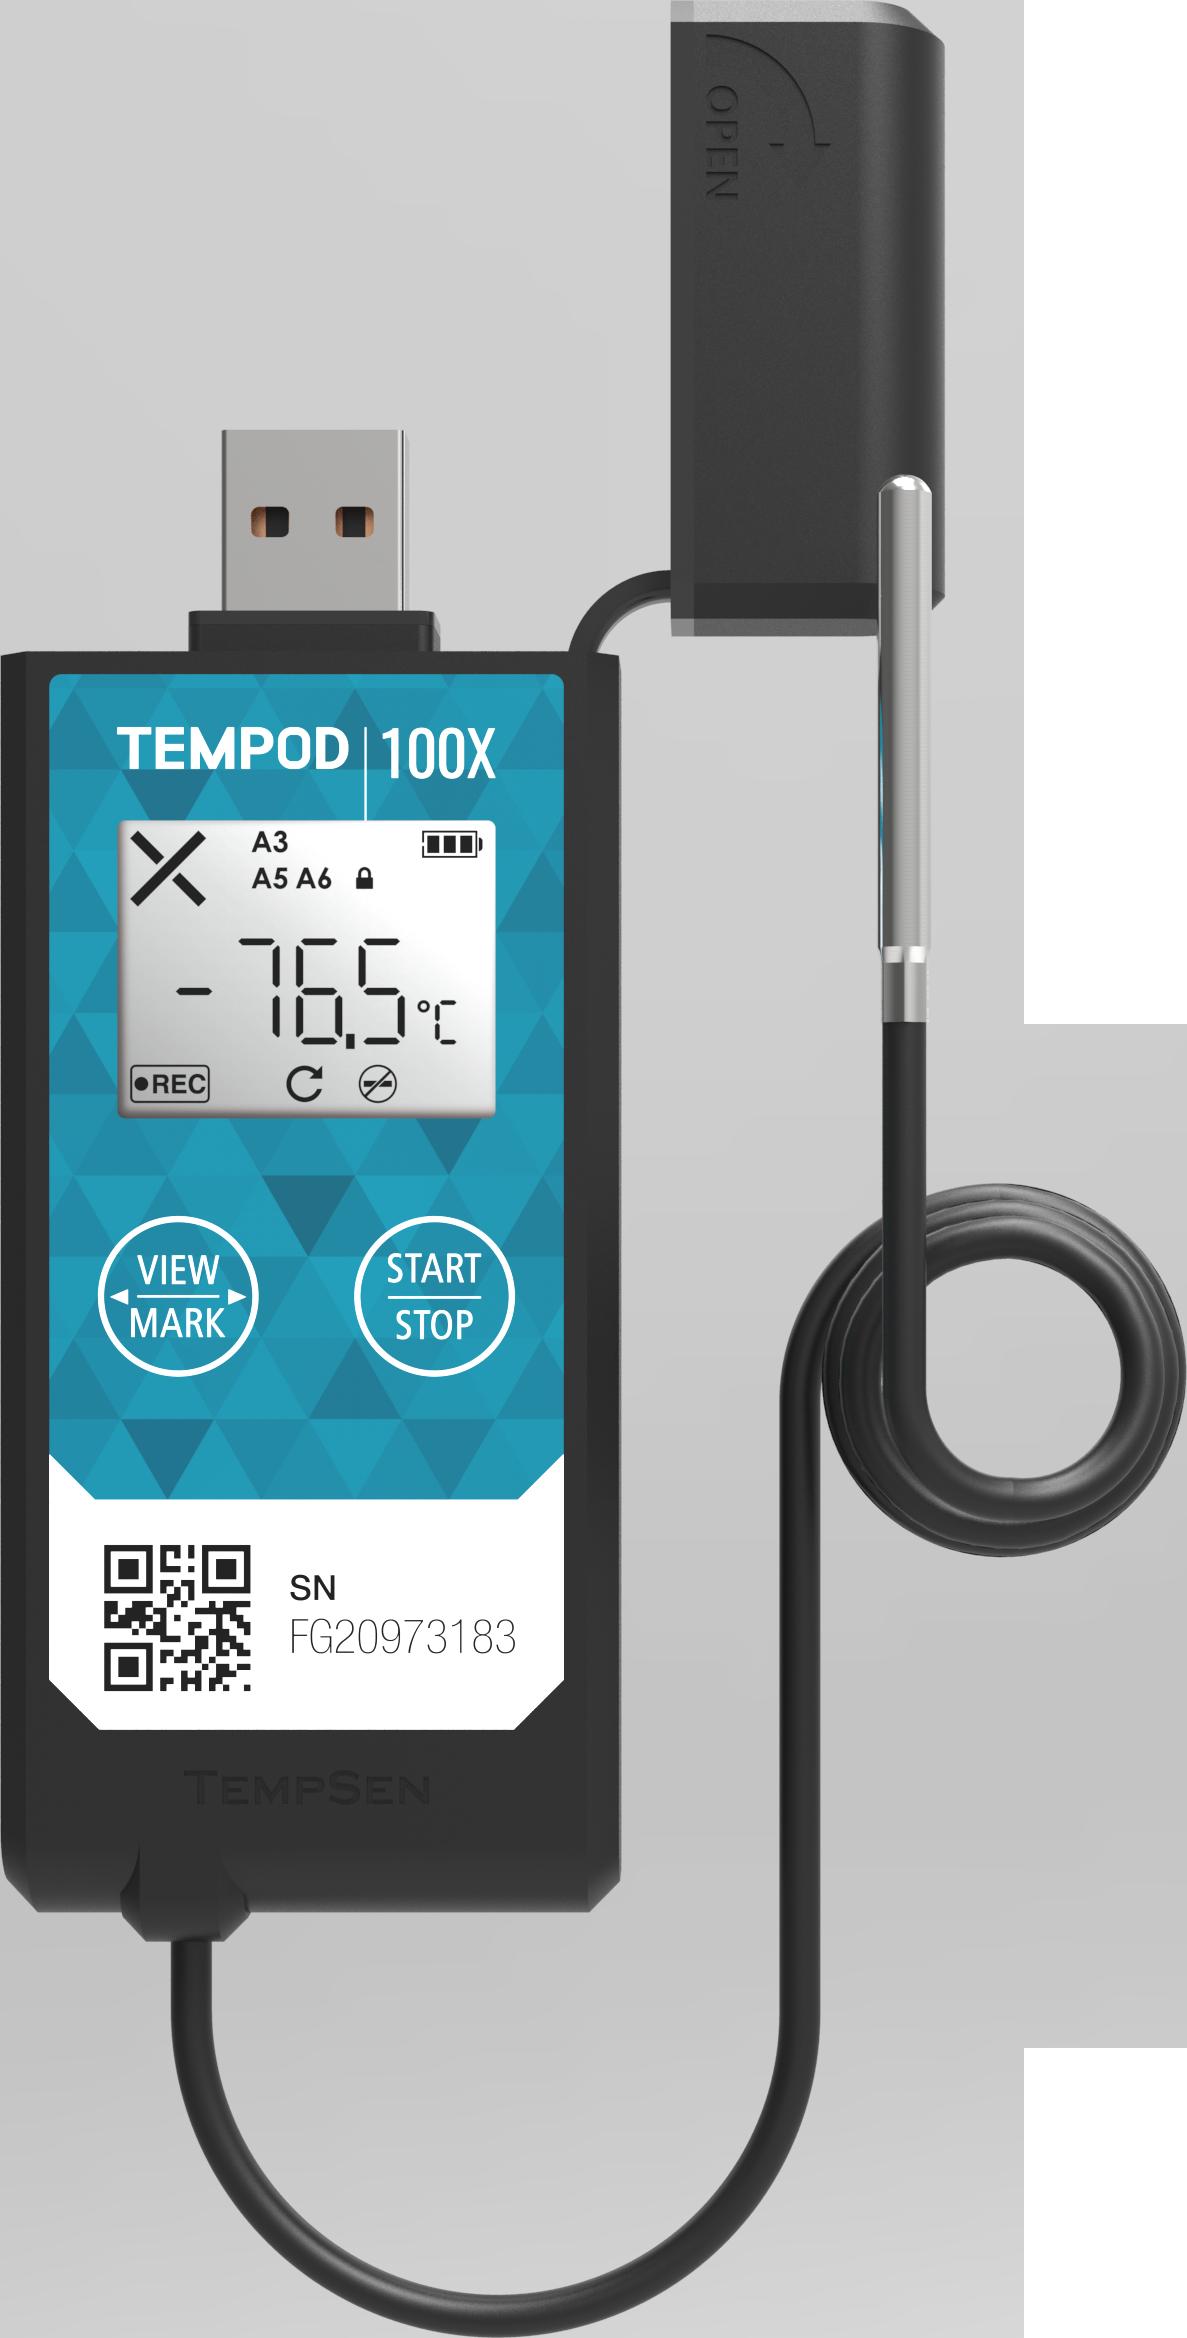 Tempod 100X_capoff